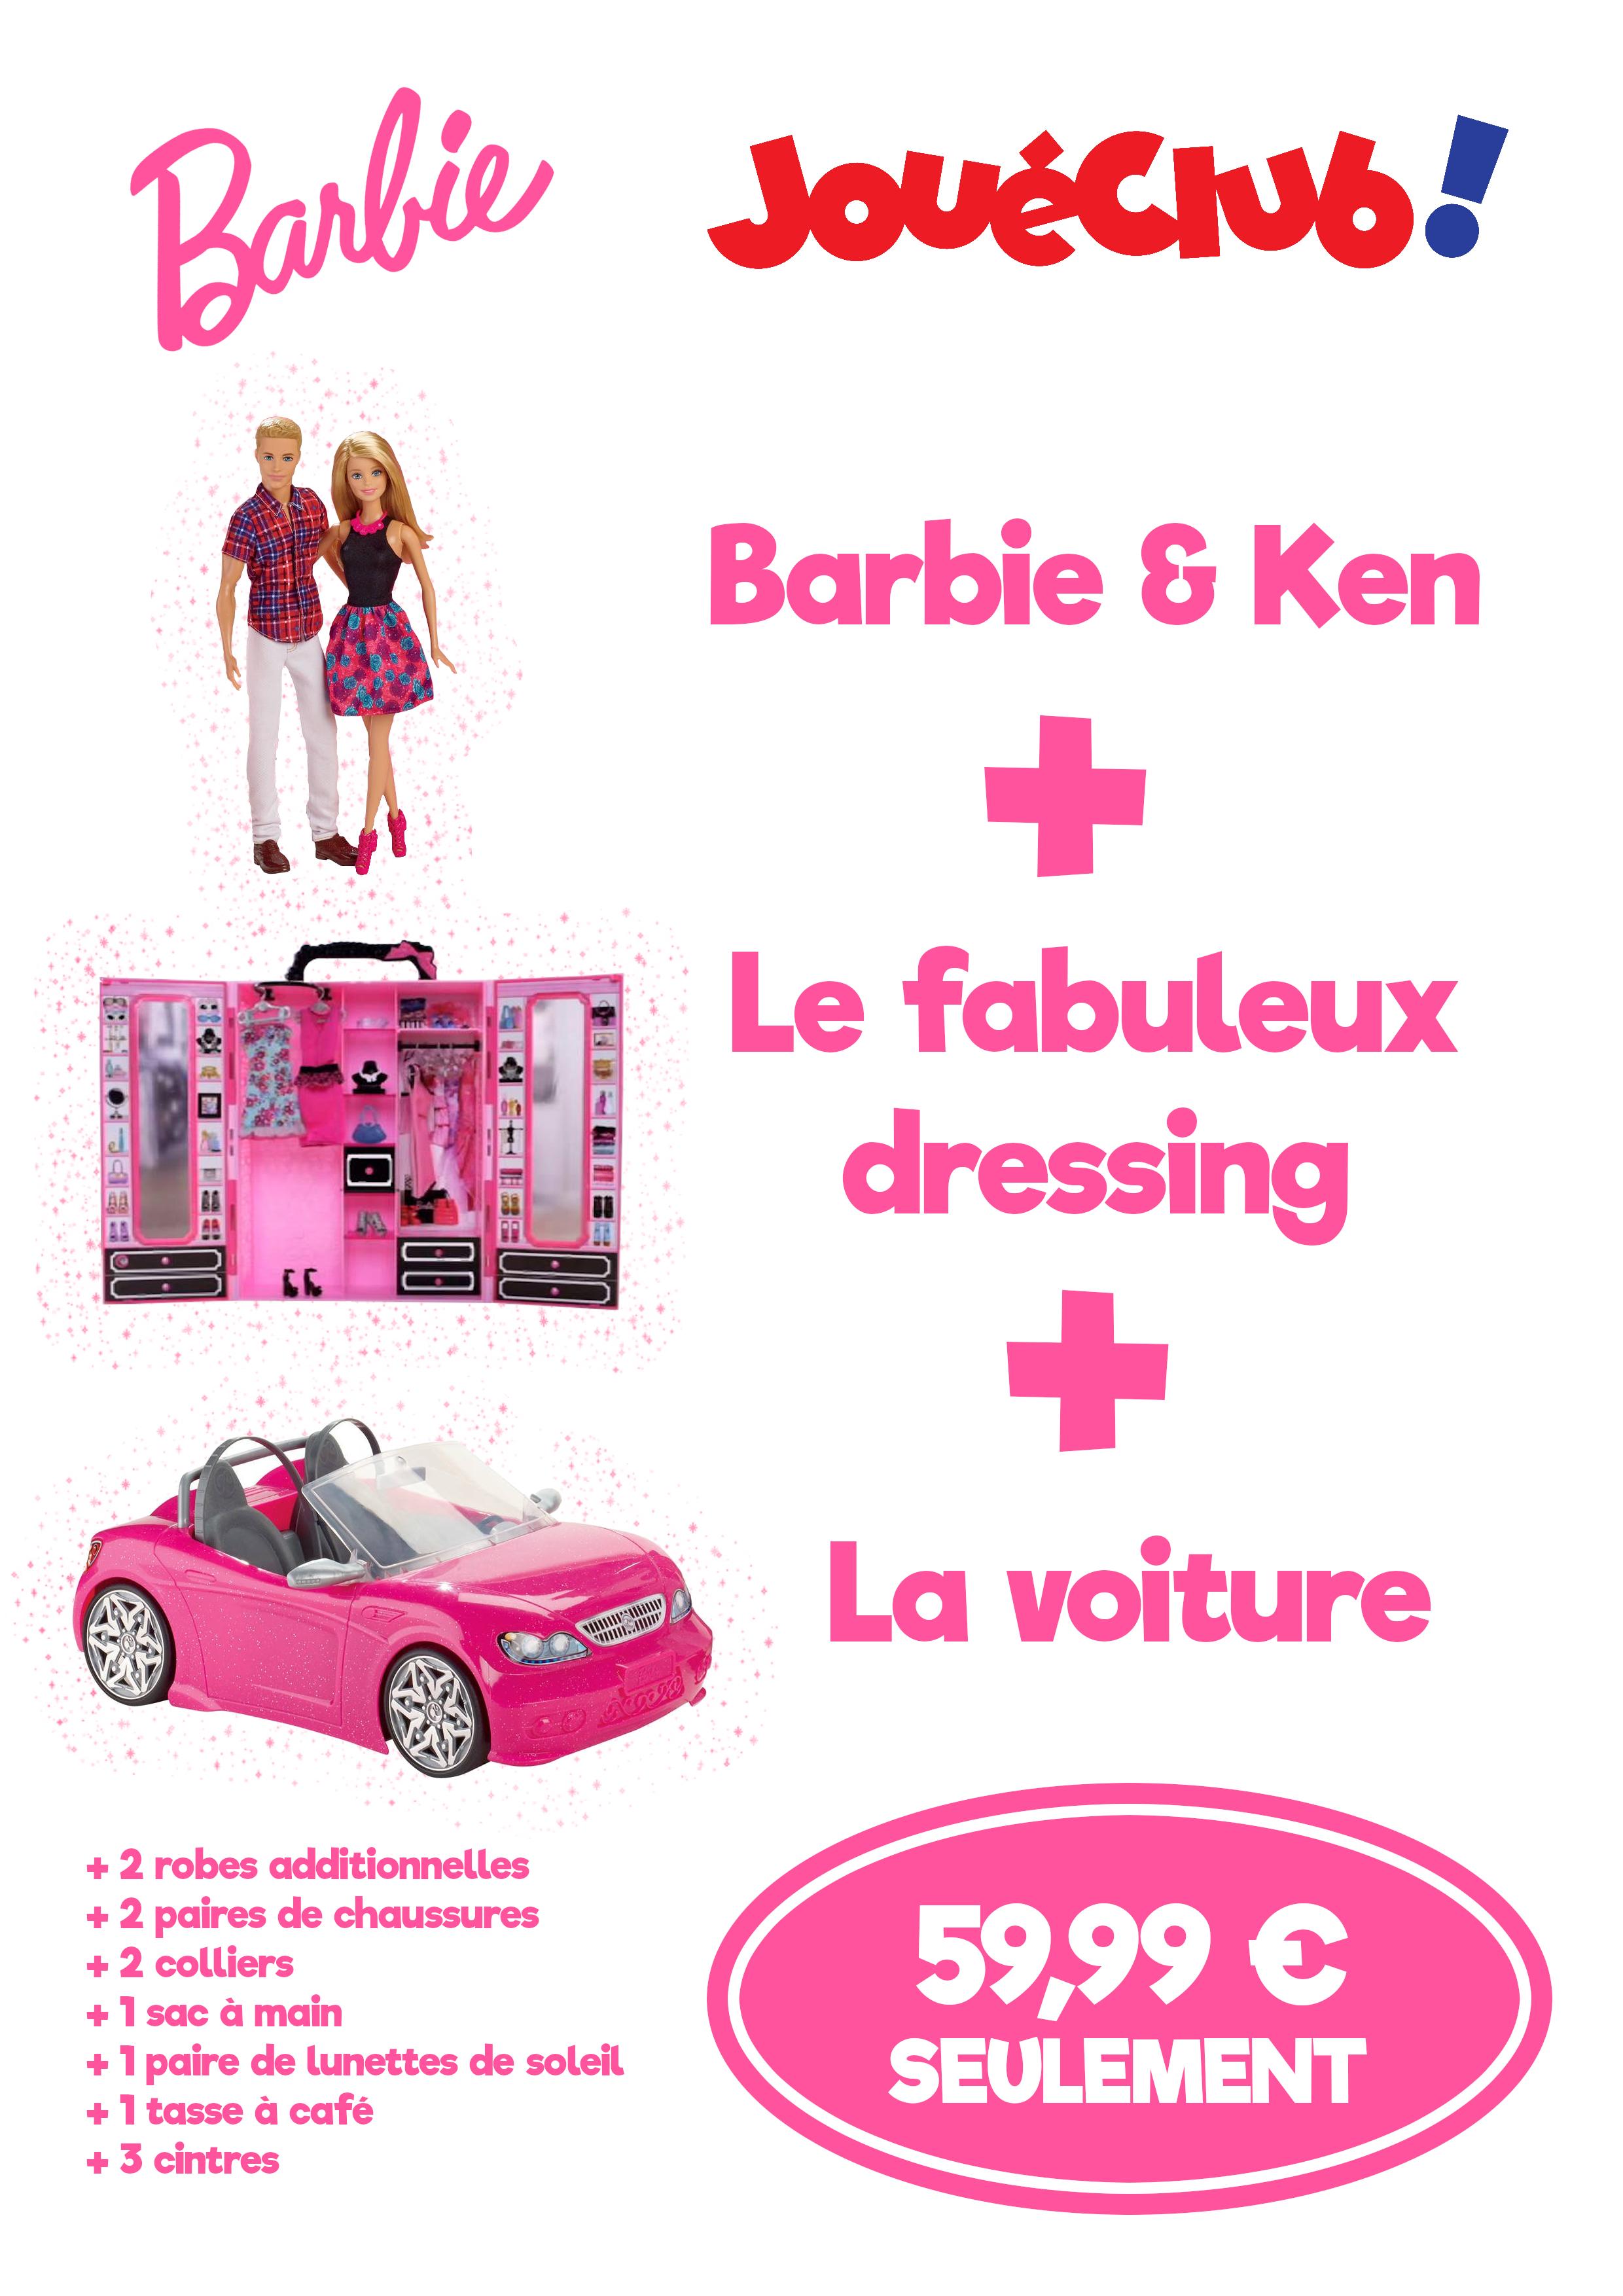 Barbie + Ken + dressing + voiture + accessoires à 59,99 € - JouéClub Bain de bretagne (35)